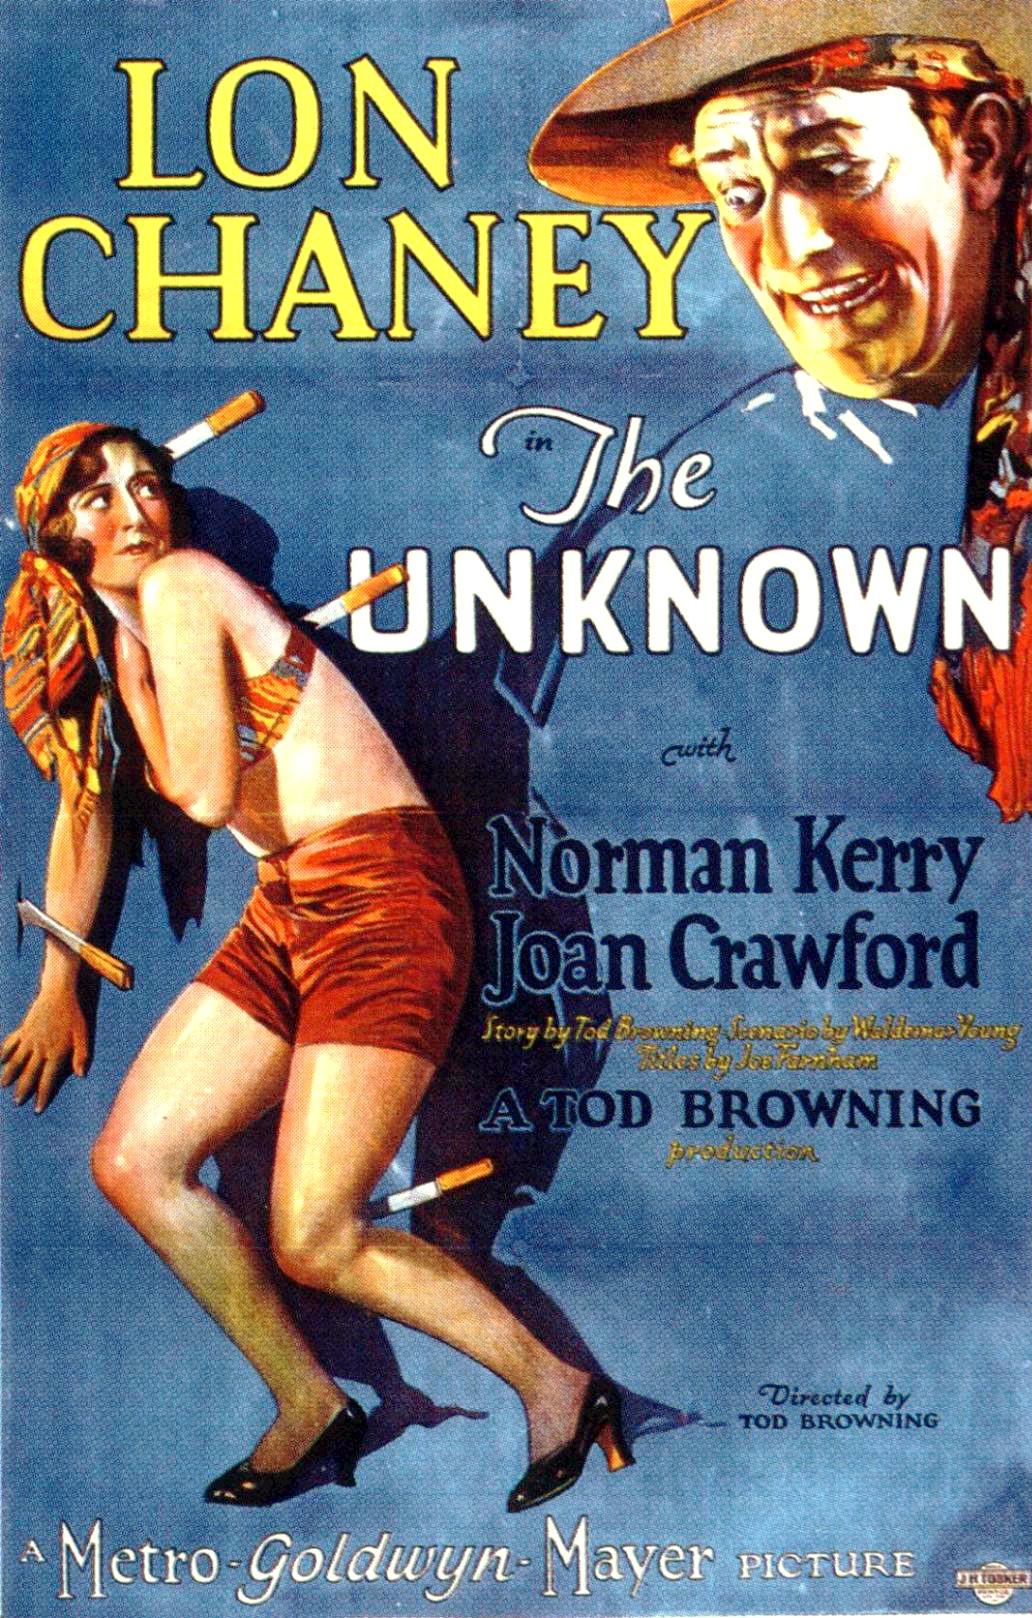 The Unknown (1927 film) - Wikipedia